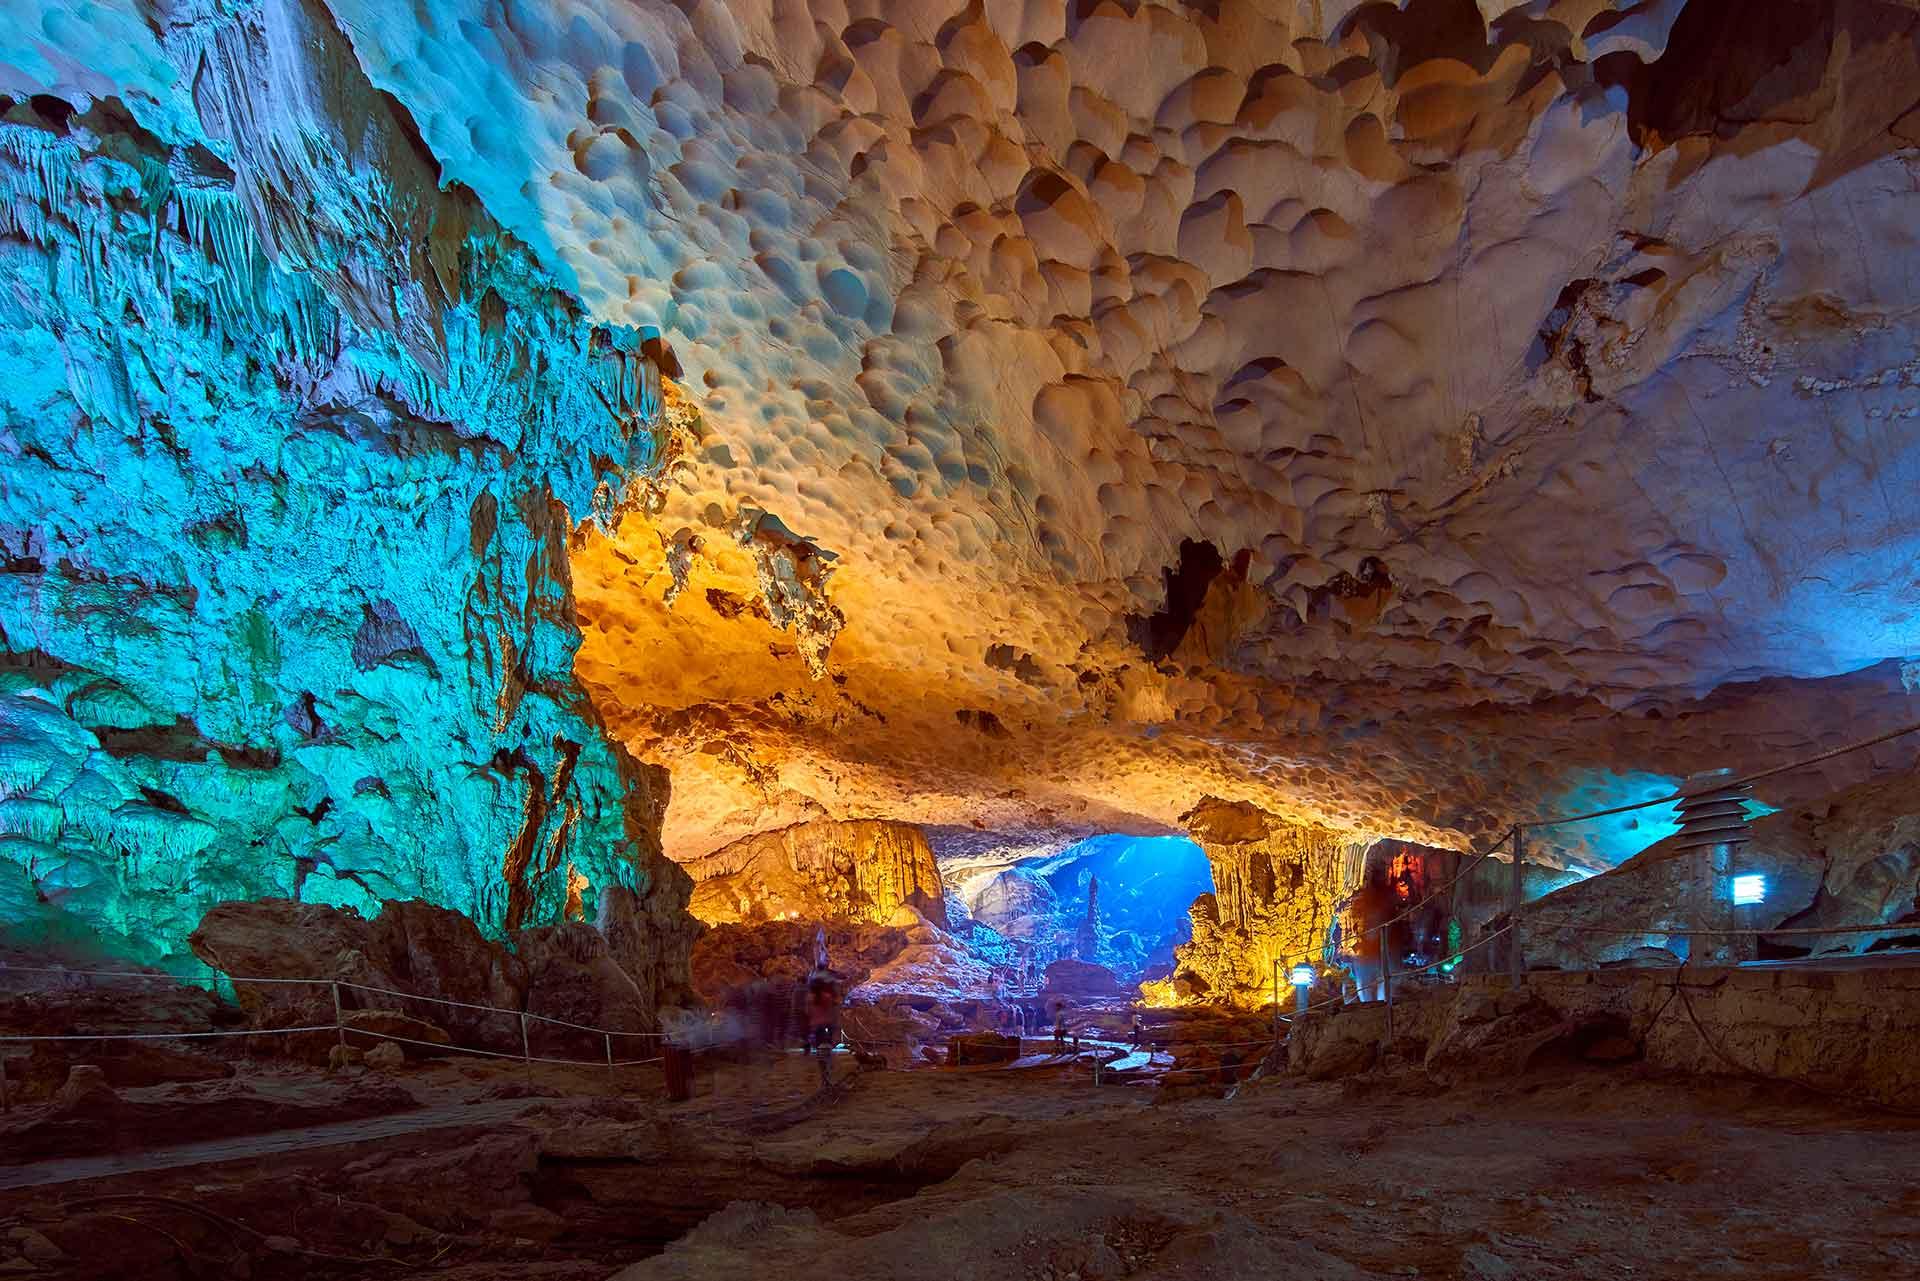 La grotte de Sung Sot ou grotte de la Surprise